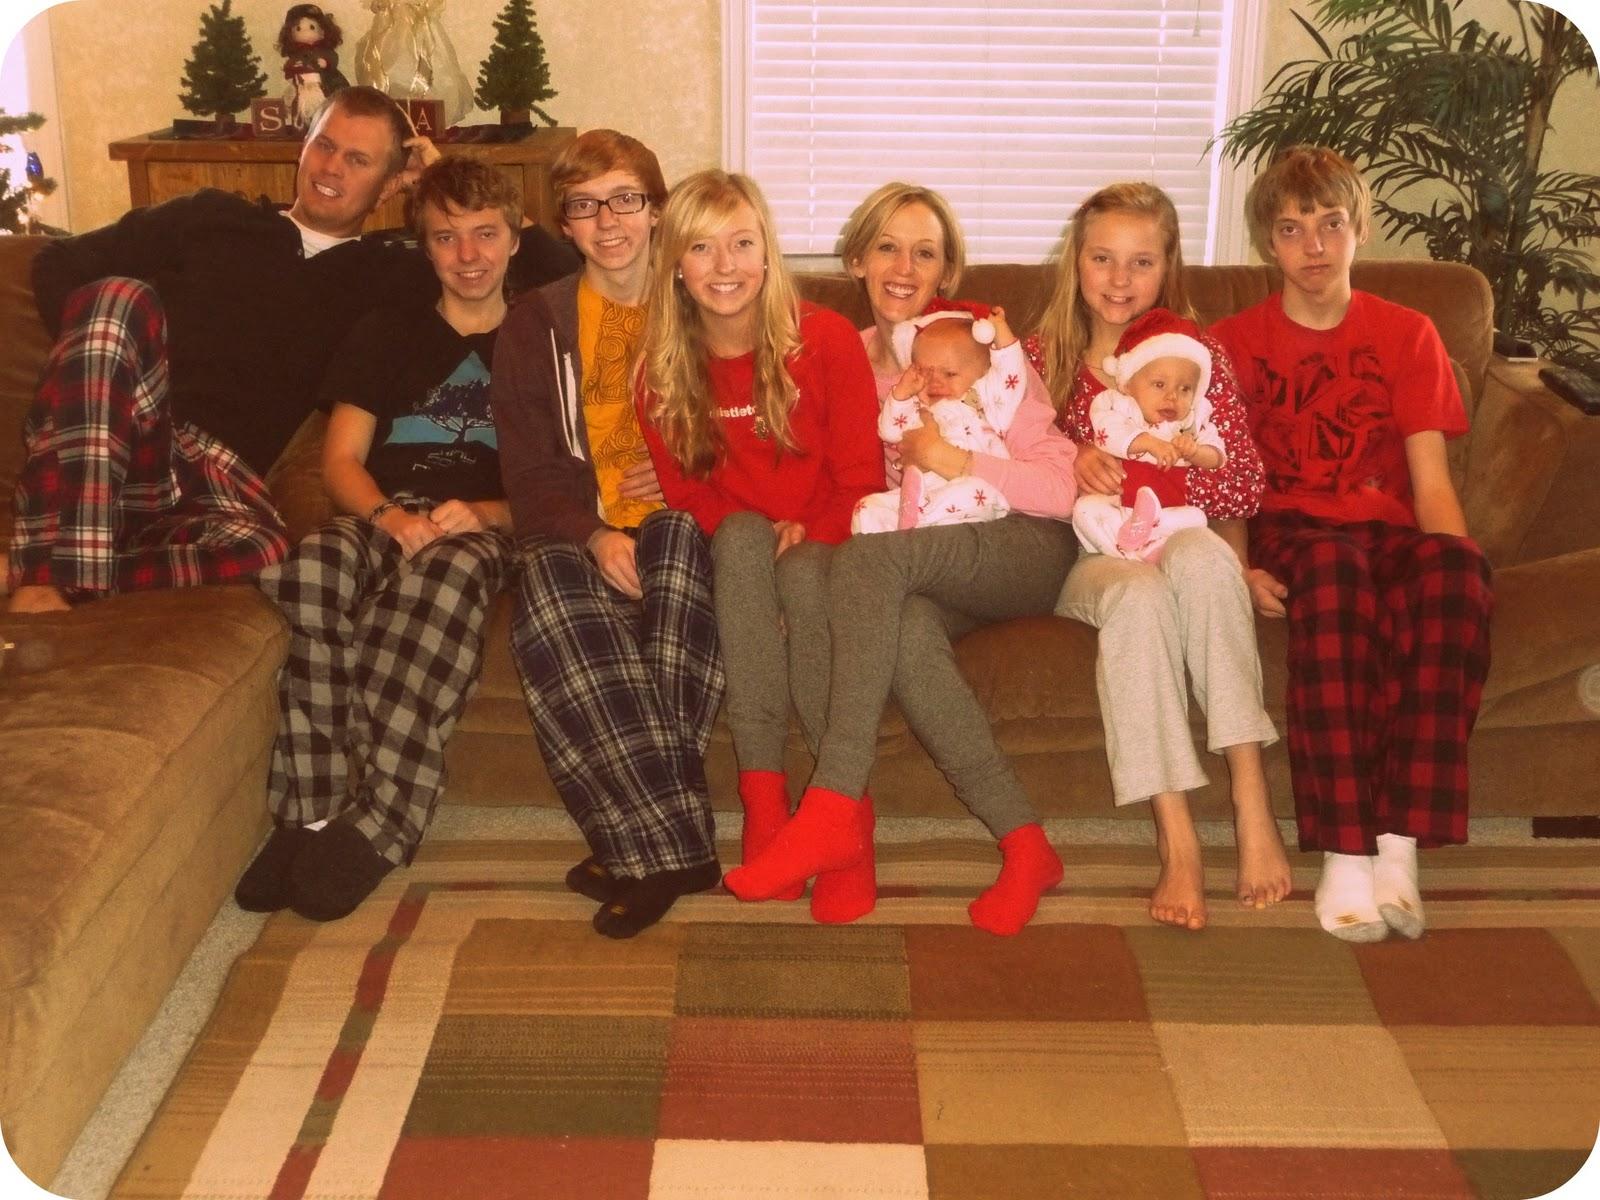 lovely things.: December 2010